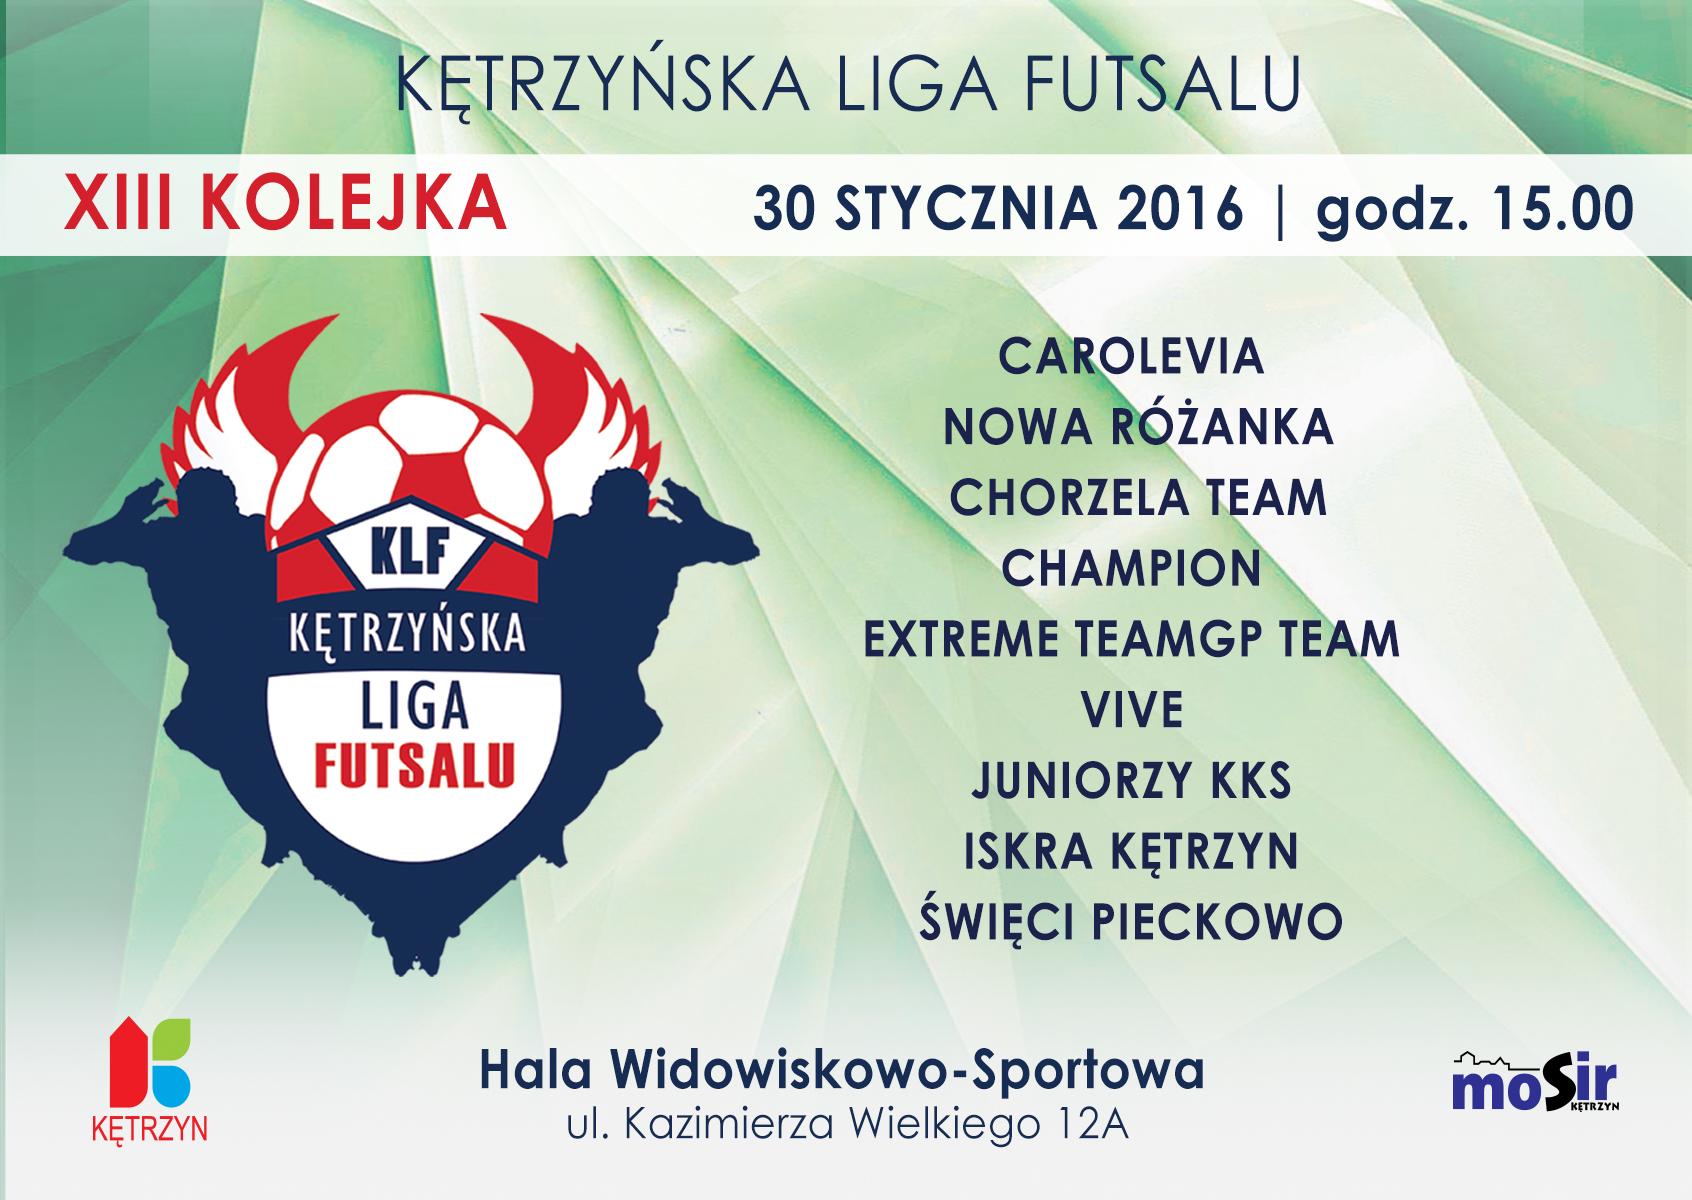 XIII kolejka Kętrzyńskiej Ligi Futsalu